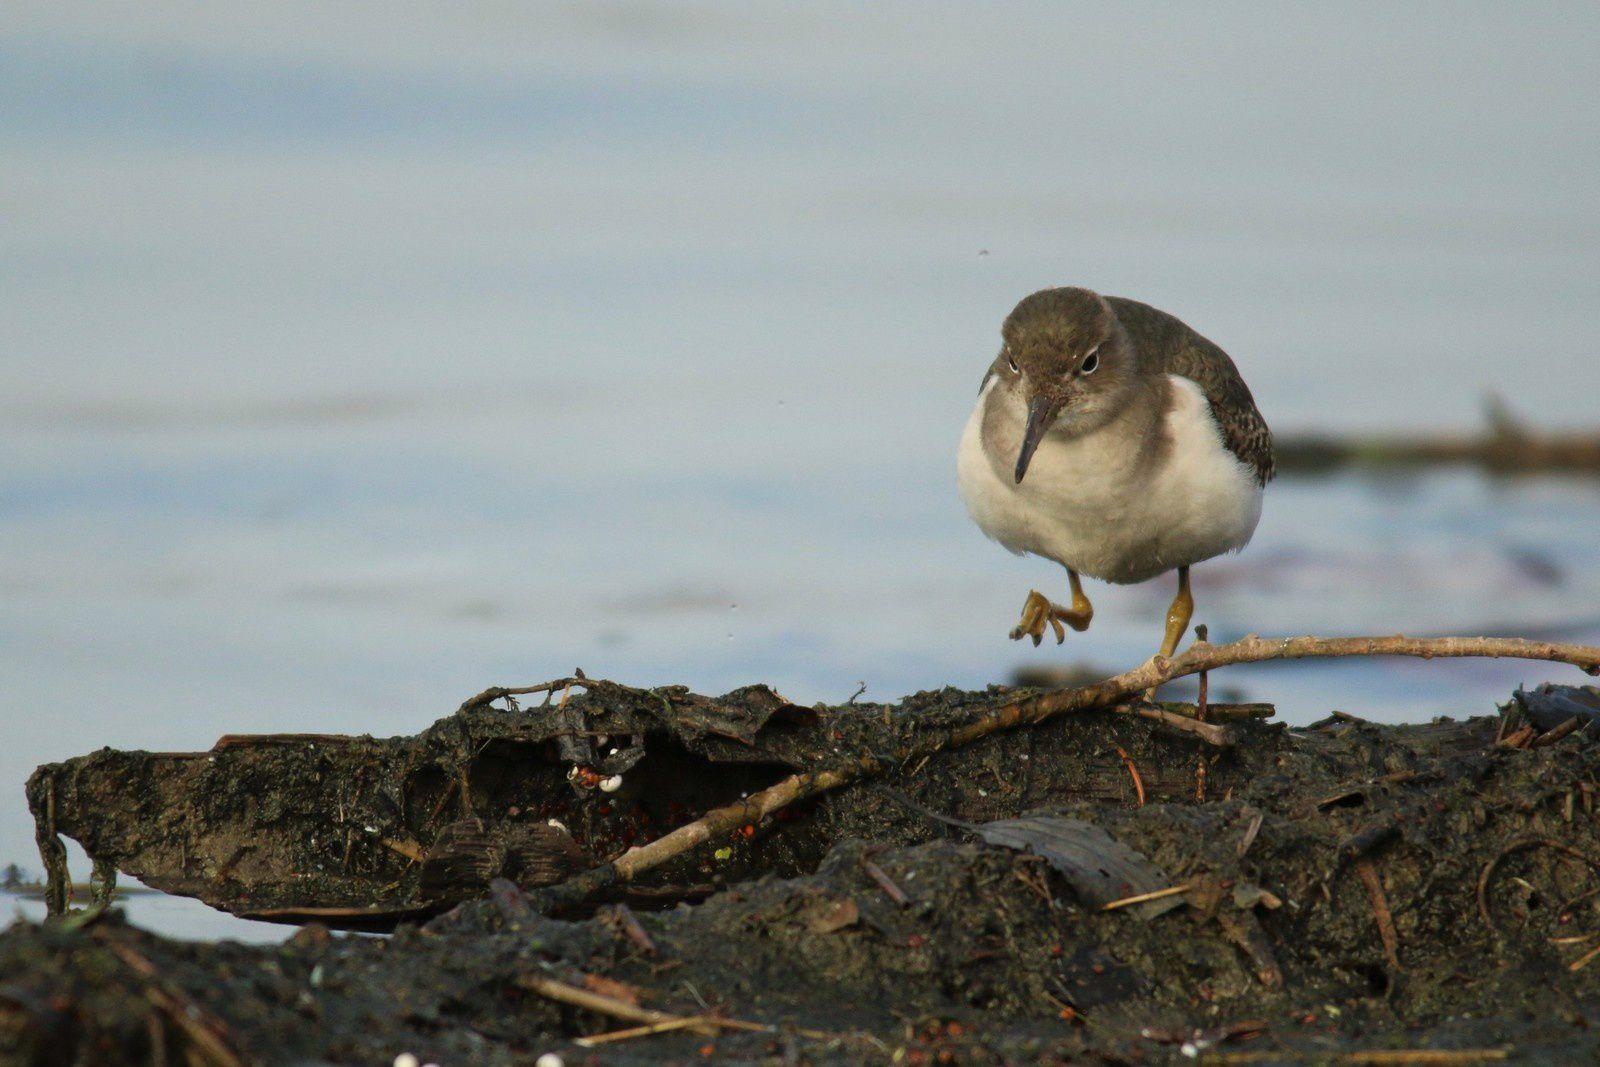 En plumage nuptial, le ventre et la poitrine présentent de petites taches noires dont on voit un peu les traces sur le bas-ventre.